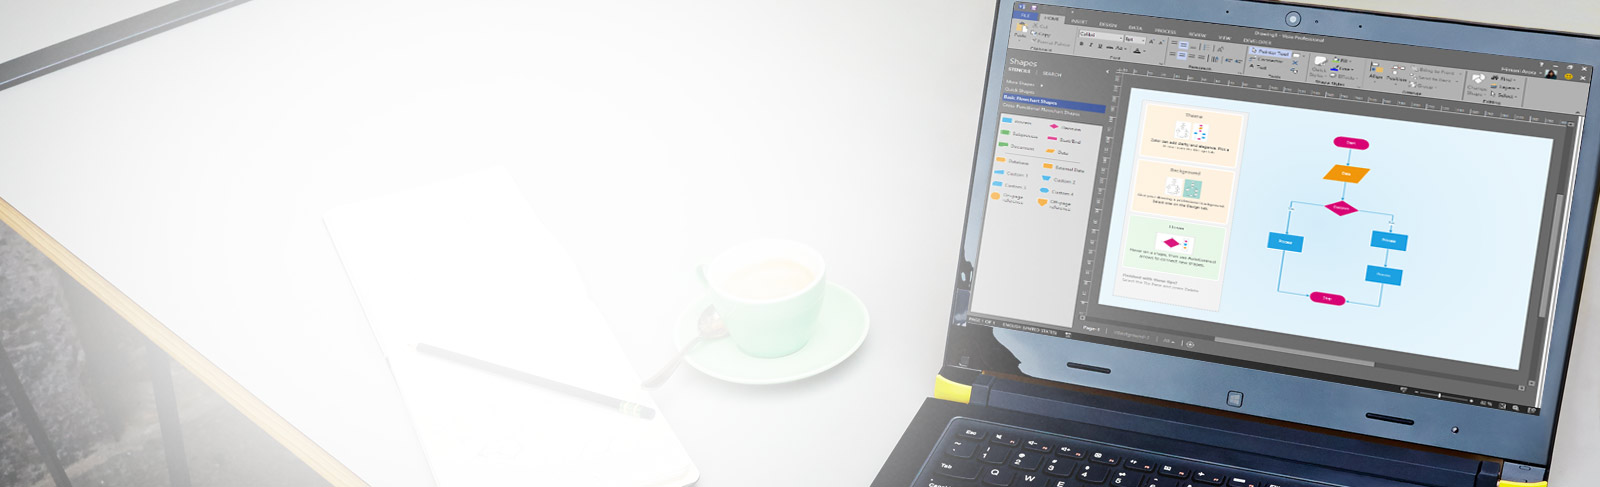 Gros plan d'un ordinateur portable posé sur une table, montrant un diagramme Visio avec les ruban et volet d'édition.